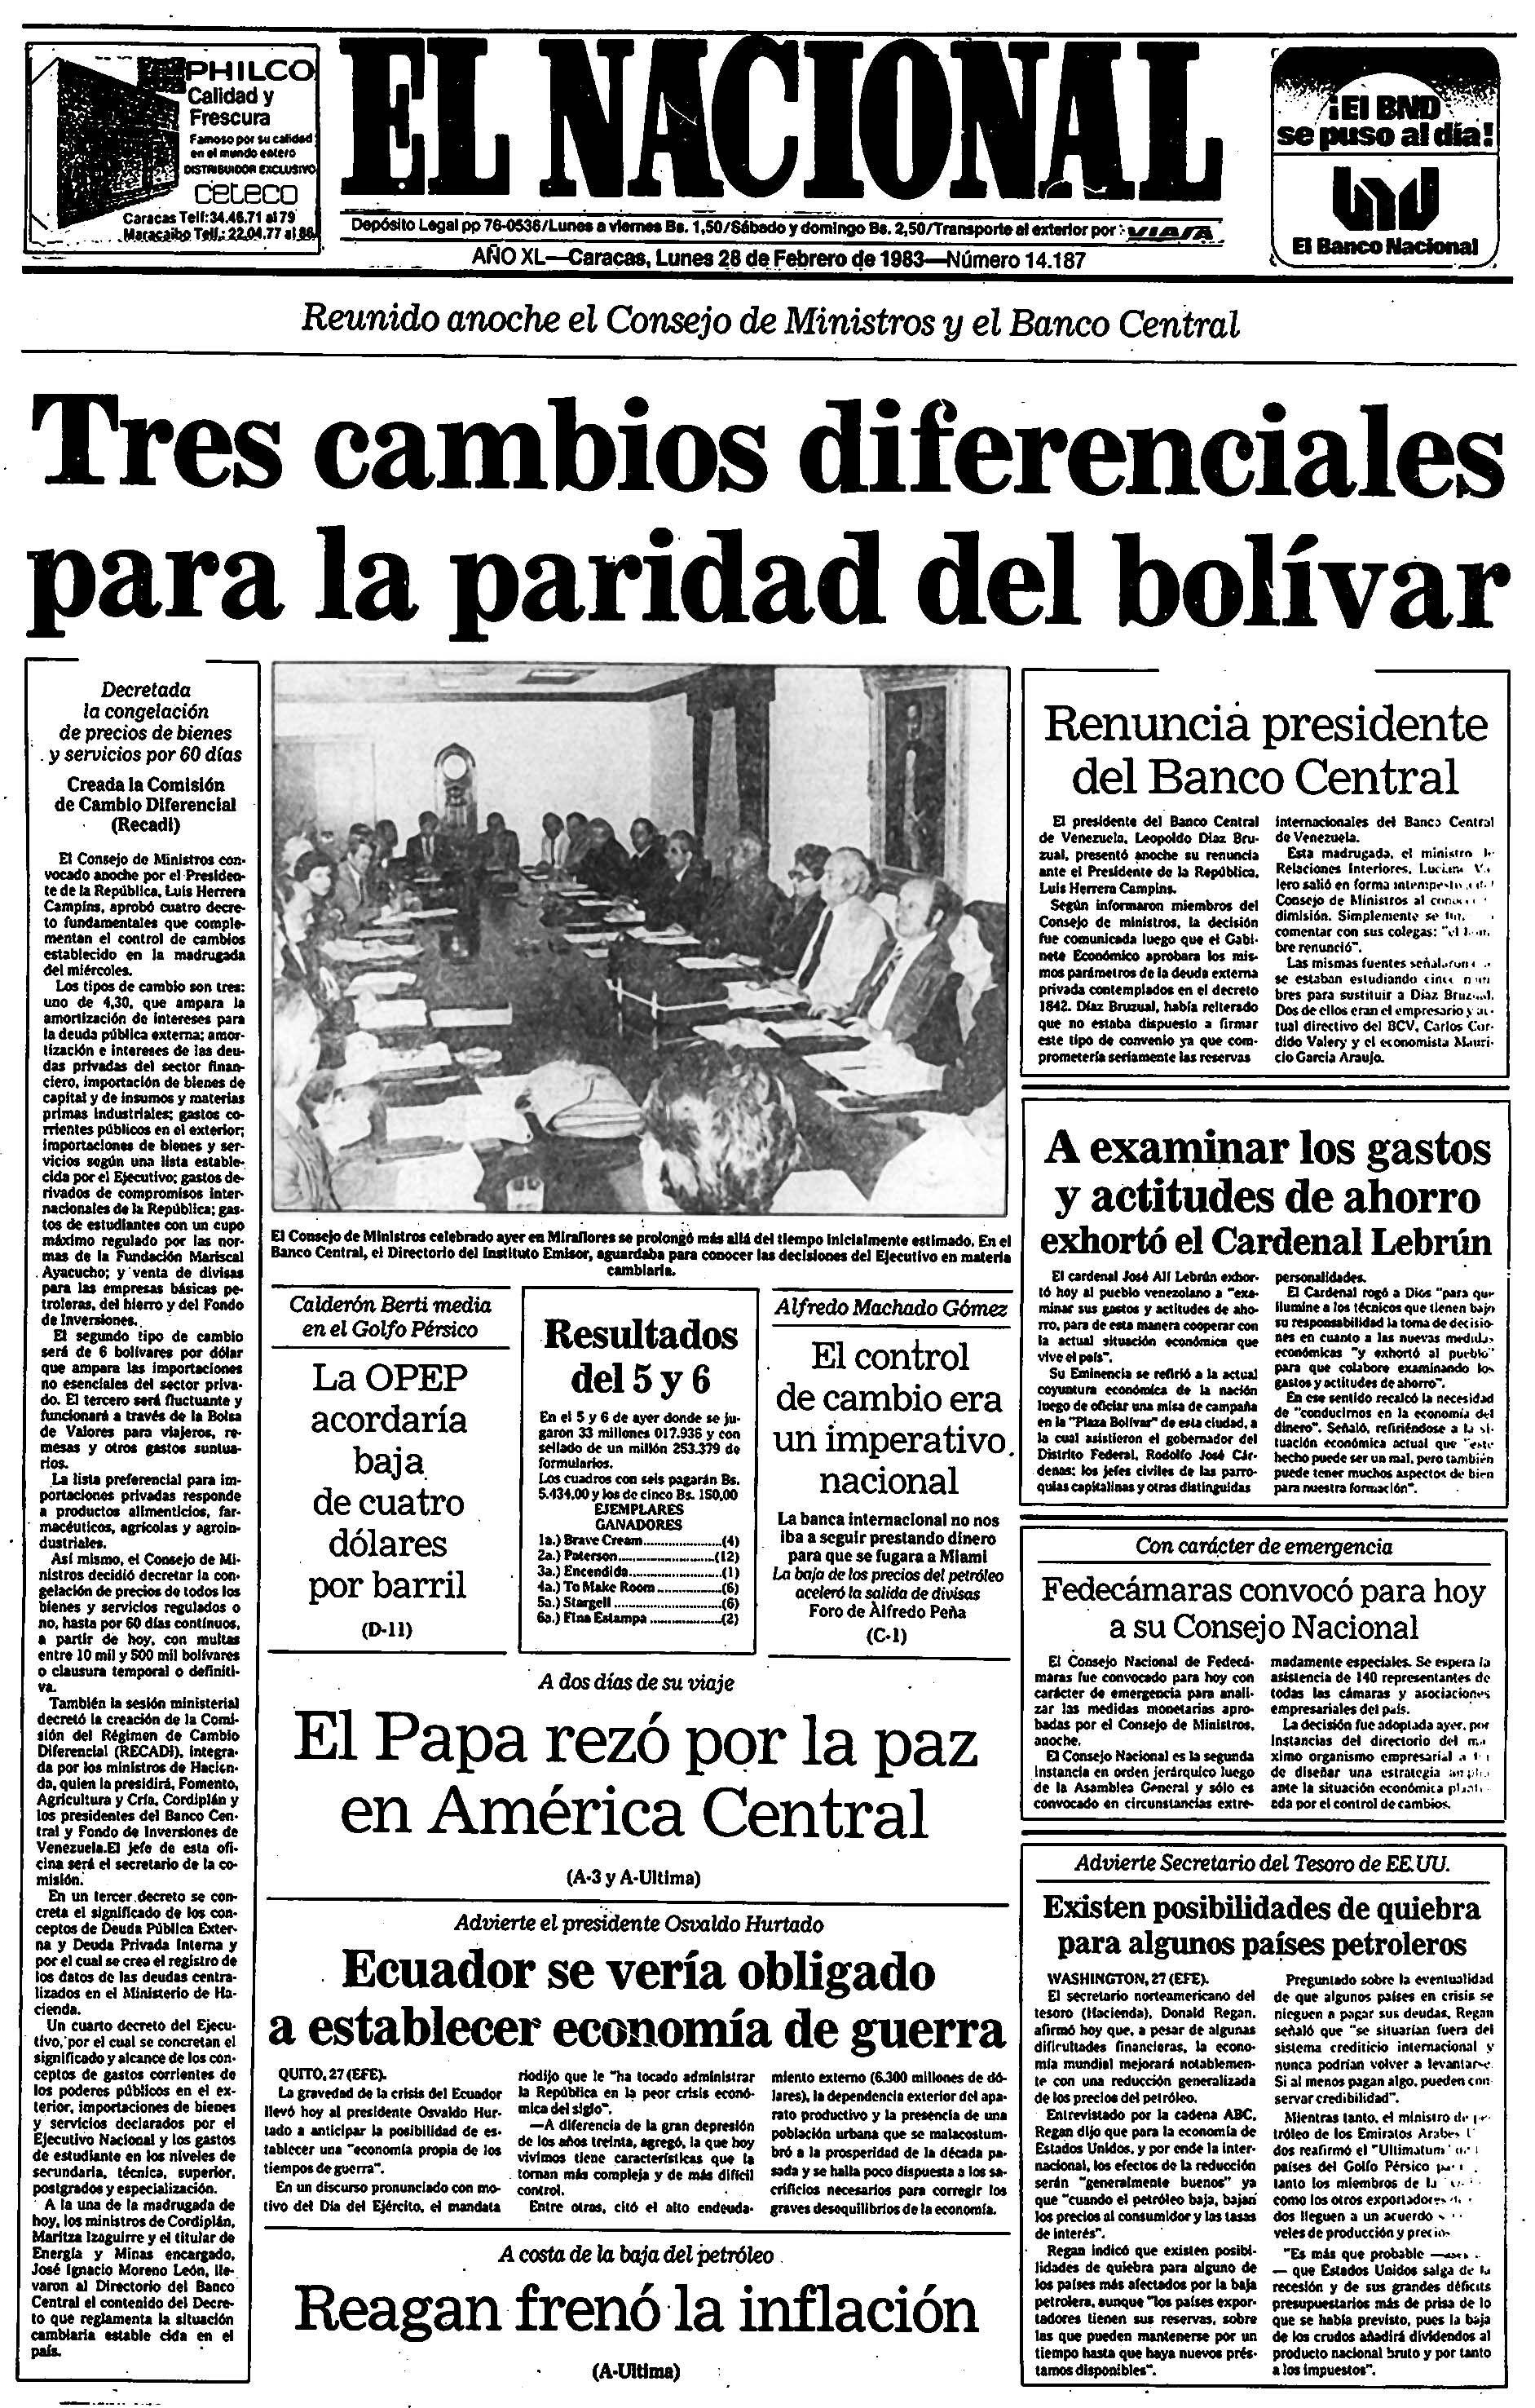 Publicado el día 28  de febrero de 1983, en Primera Página. Título: Tres cambios diferenciales para la paridad del Bolívar / Renuncia presidente del Banco Central. 28-02-1983